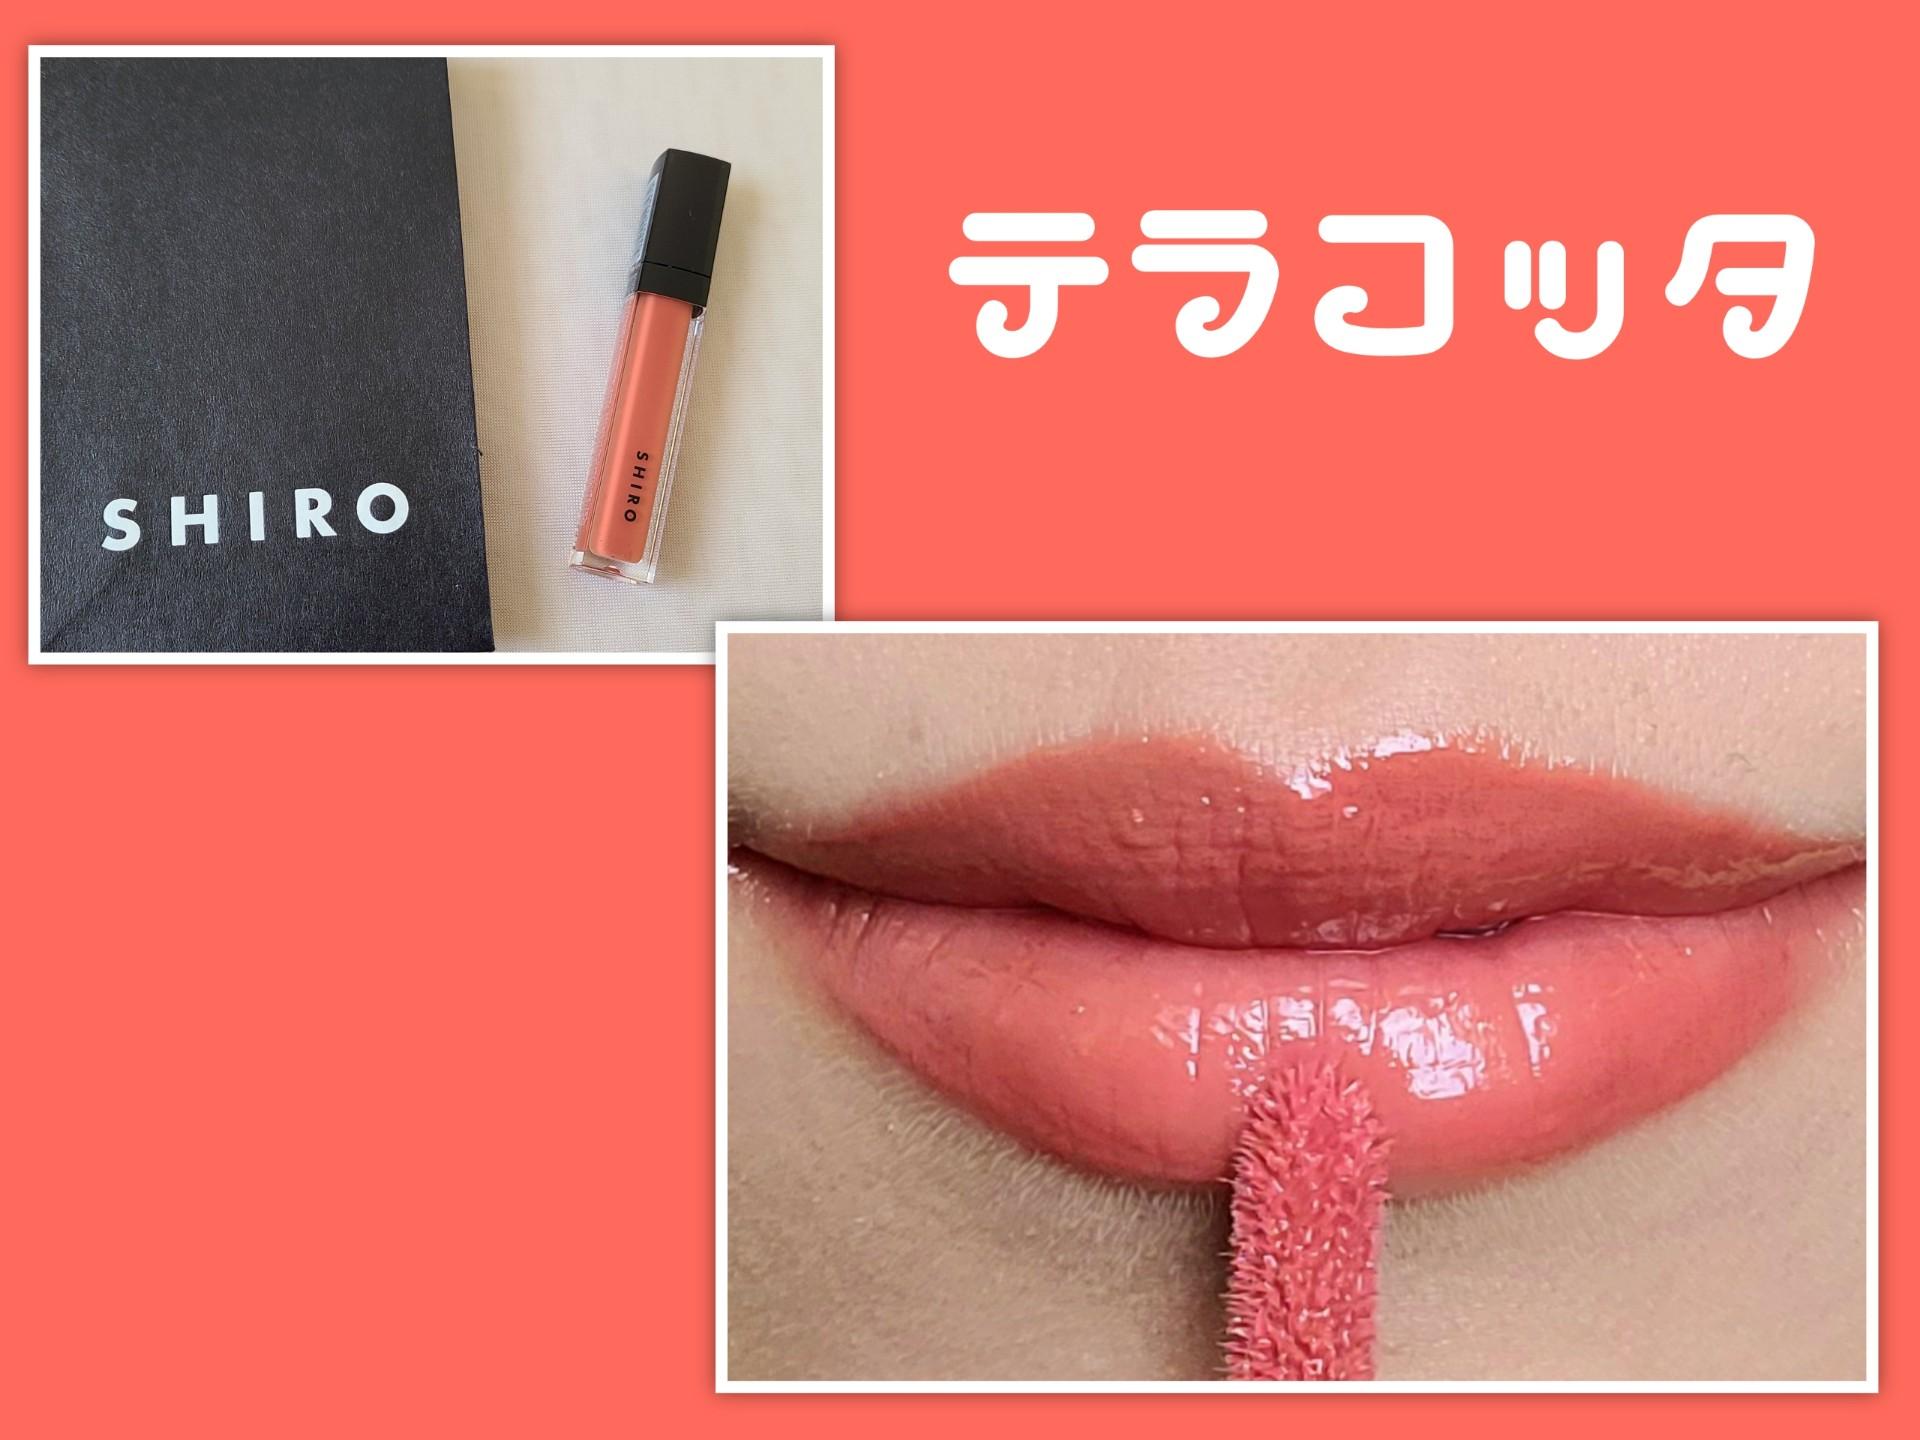 【SHIRO】夏リップで夏支度!「テラコッタ」は上品夏顔カラー❤️_2